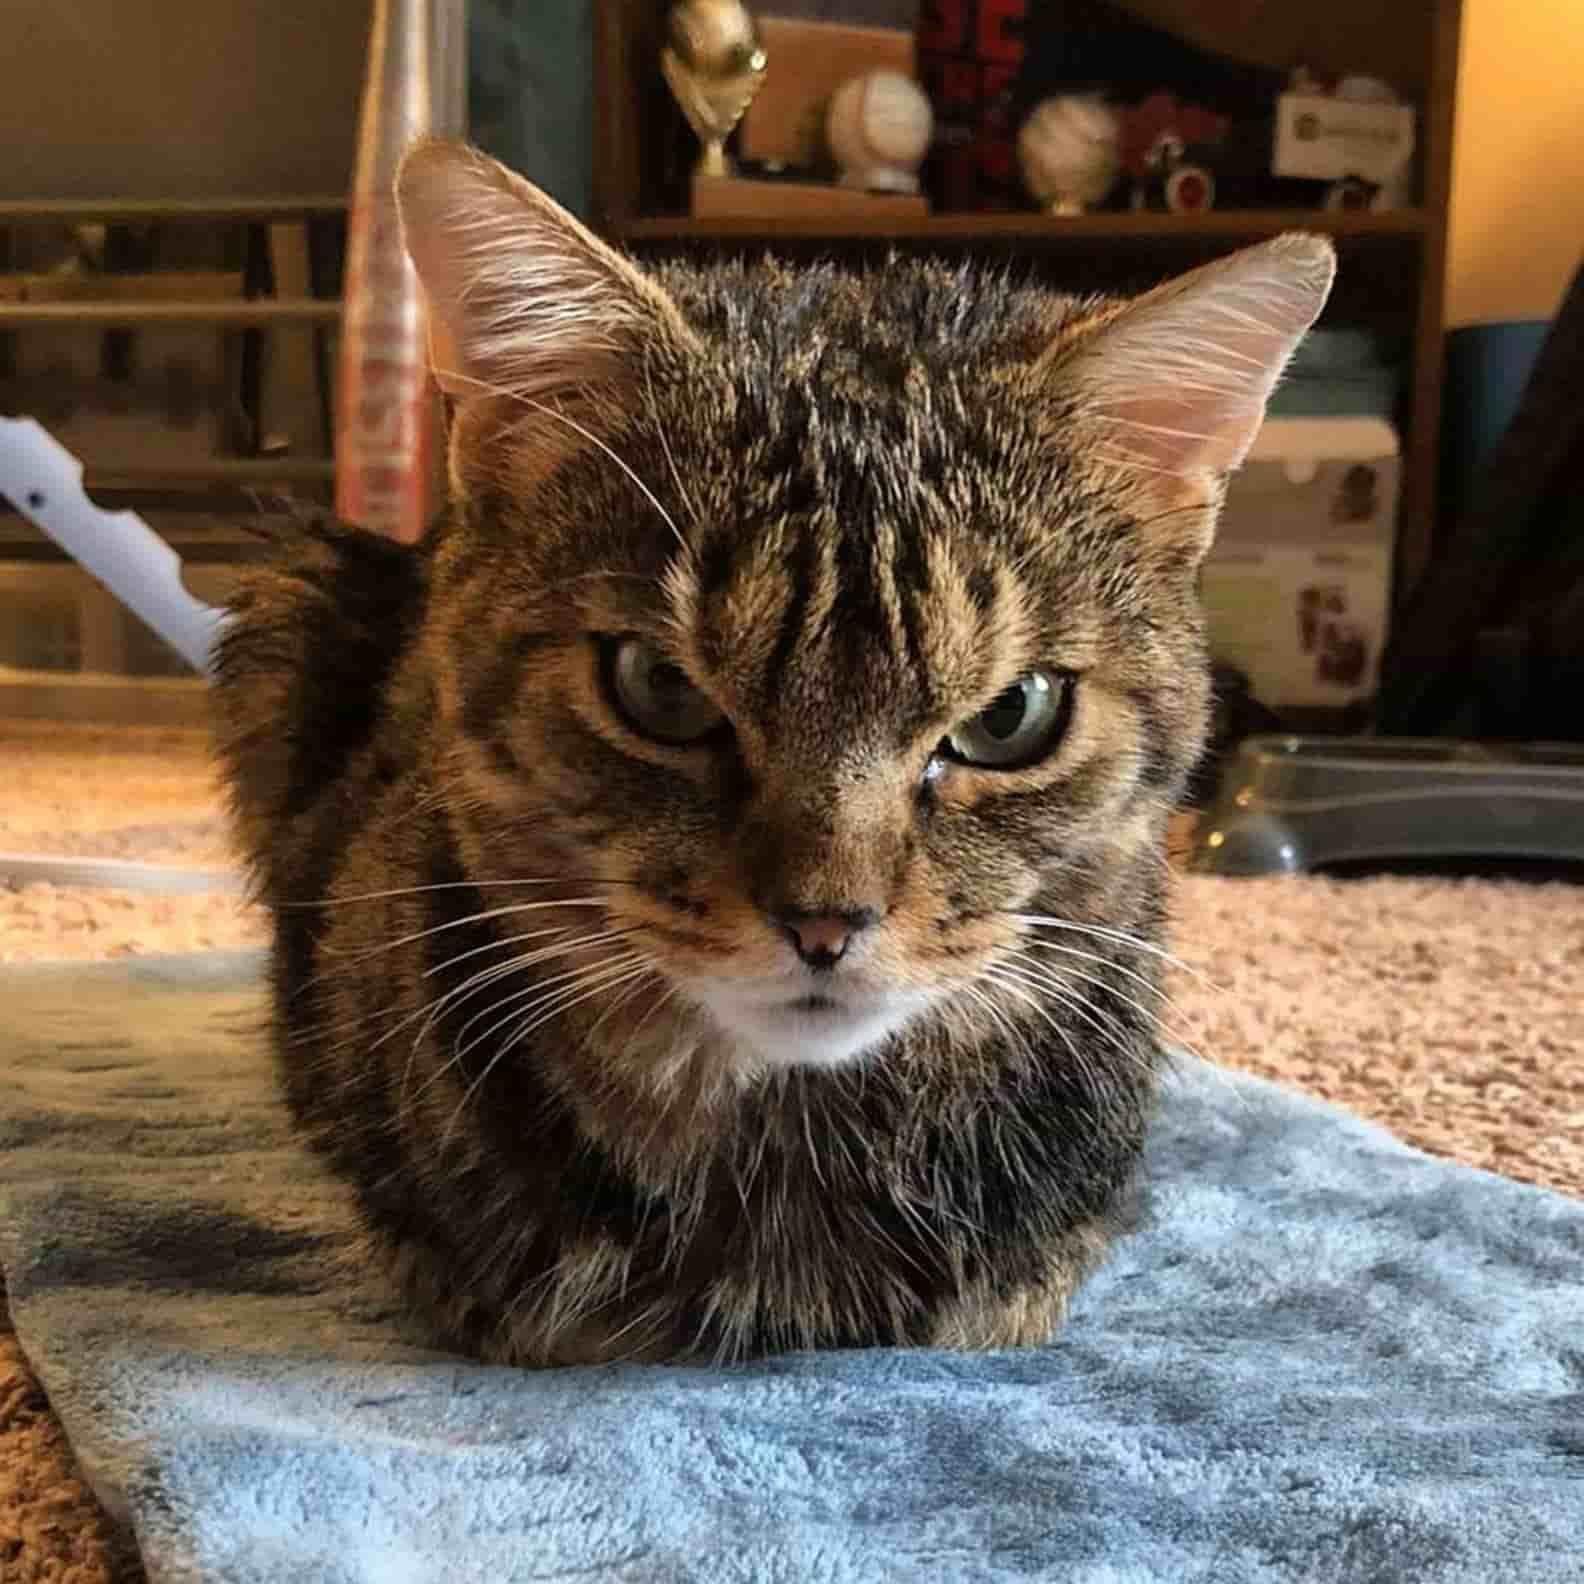 Бездомный кот пугал людей сердитой мордой, пока не обрёл хозяйку. Капля домашнего уюта, и котана не узнать